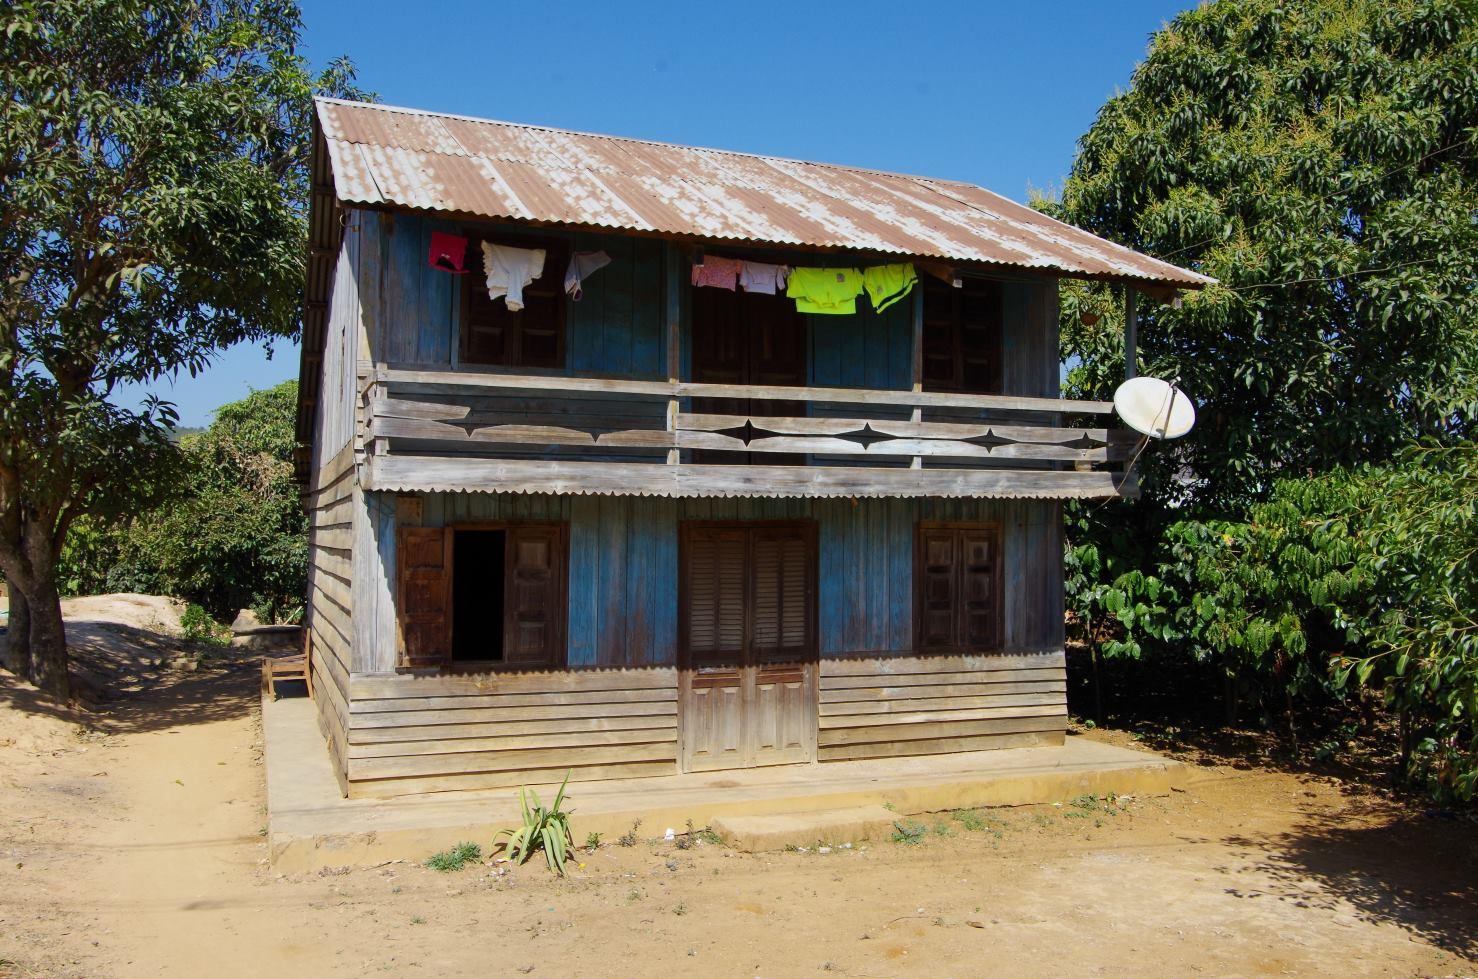 Visites autour de dalat asiedusudestenfamille for Facade maison traditionnelle